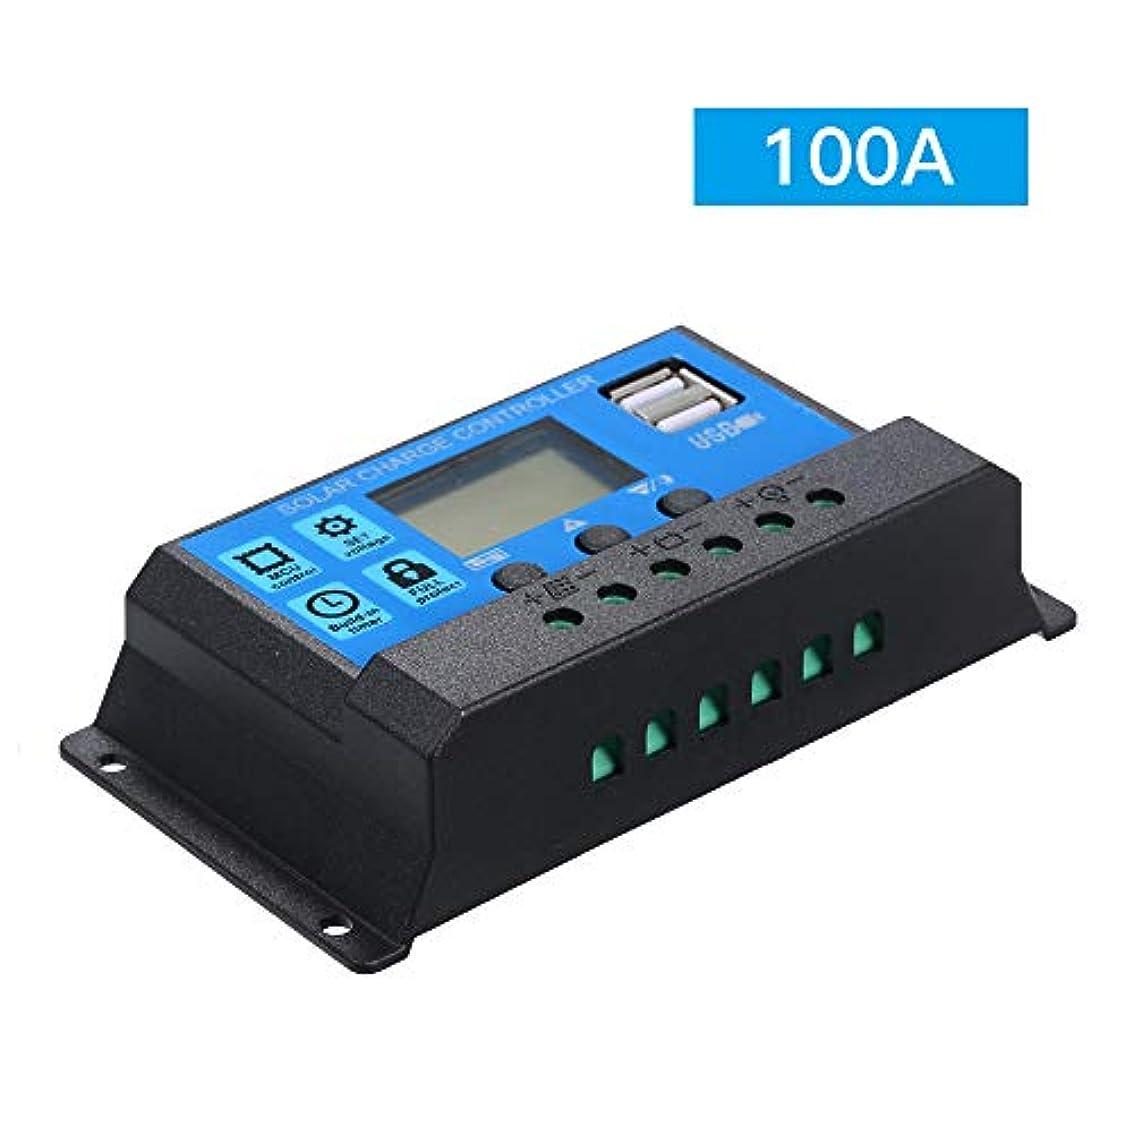 オーバーラン交換可能うぬぼれソーラーチャージャーコントローラー 10A 20A 30A 40A 50A 60A 100A 12V 24V チャージコント,ソーラーパネル レギュレータ 充放電コントローラー チャージコントローラー LCDスクリーンディスプレ ュアルUSB付き イ付き ソーラーシステム 充電器制御 電流ディスプレイ 自動調整スイッチ